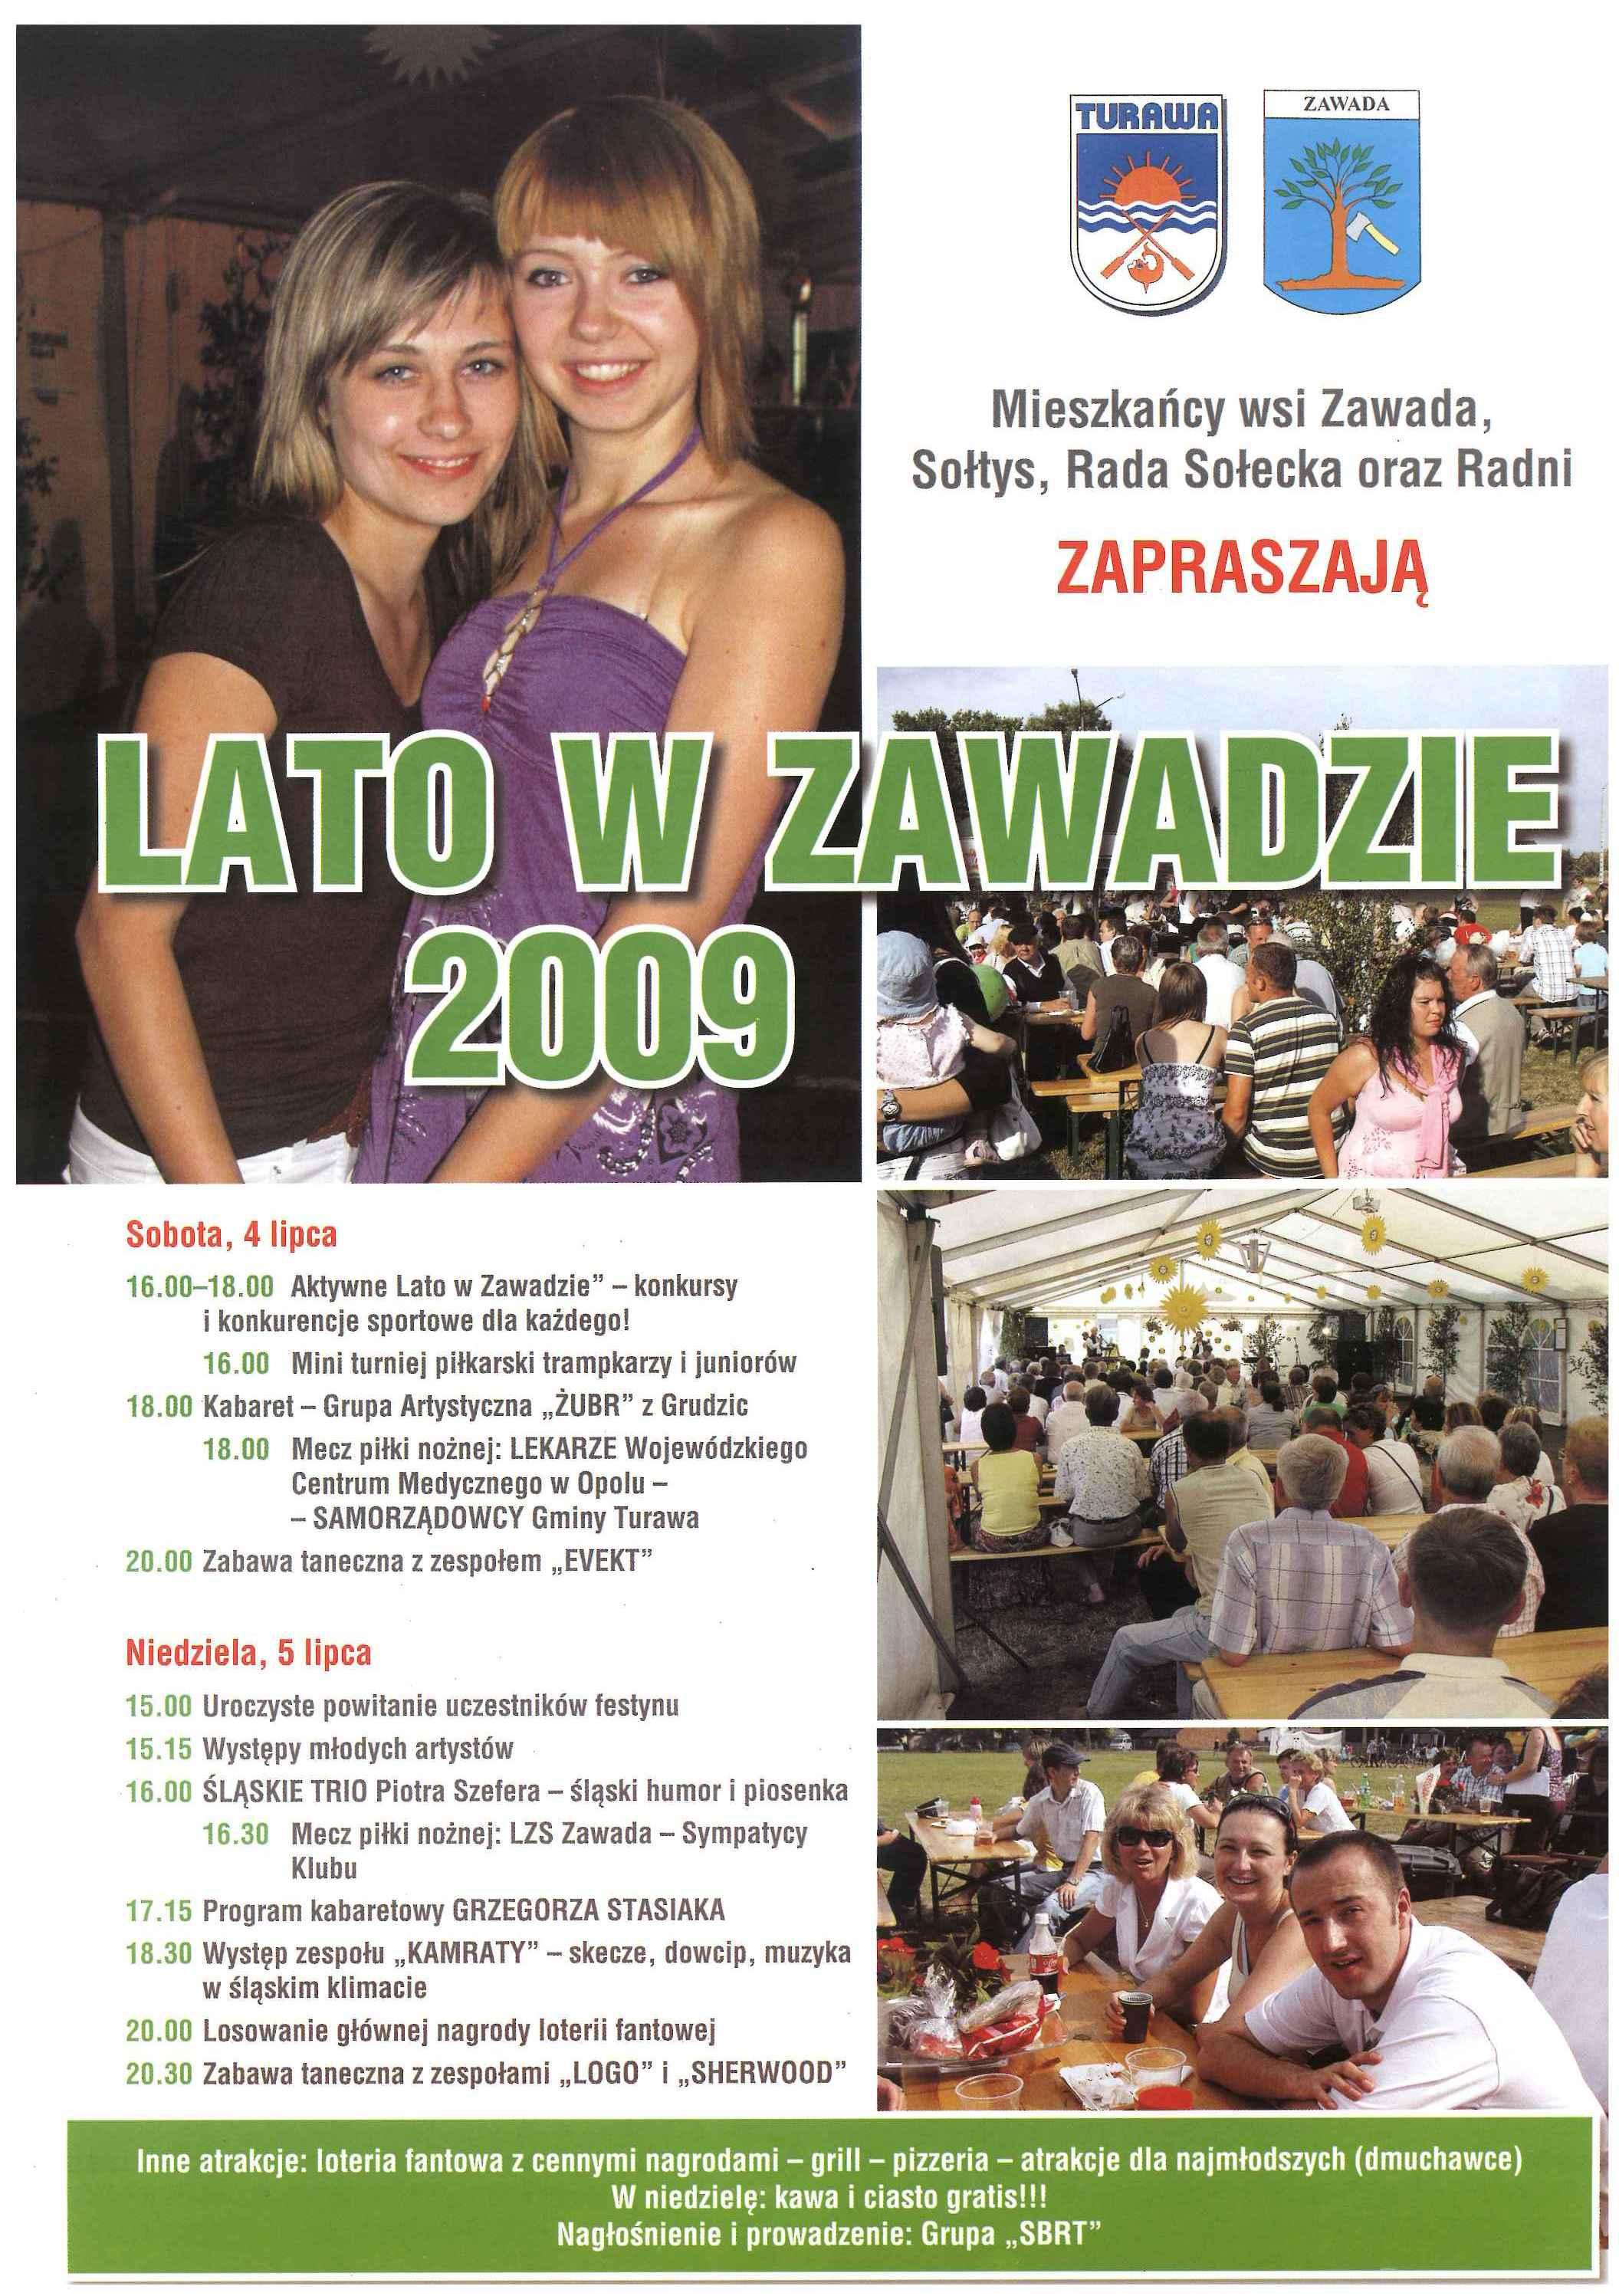 LATO W ZAWADZIE 2009